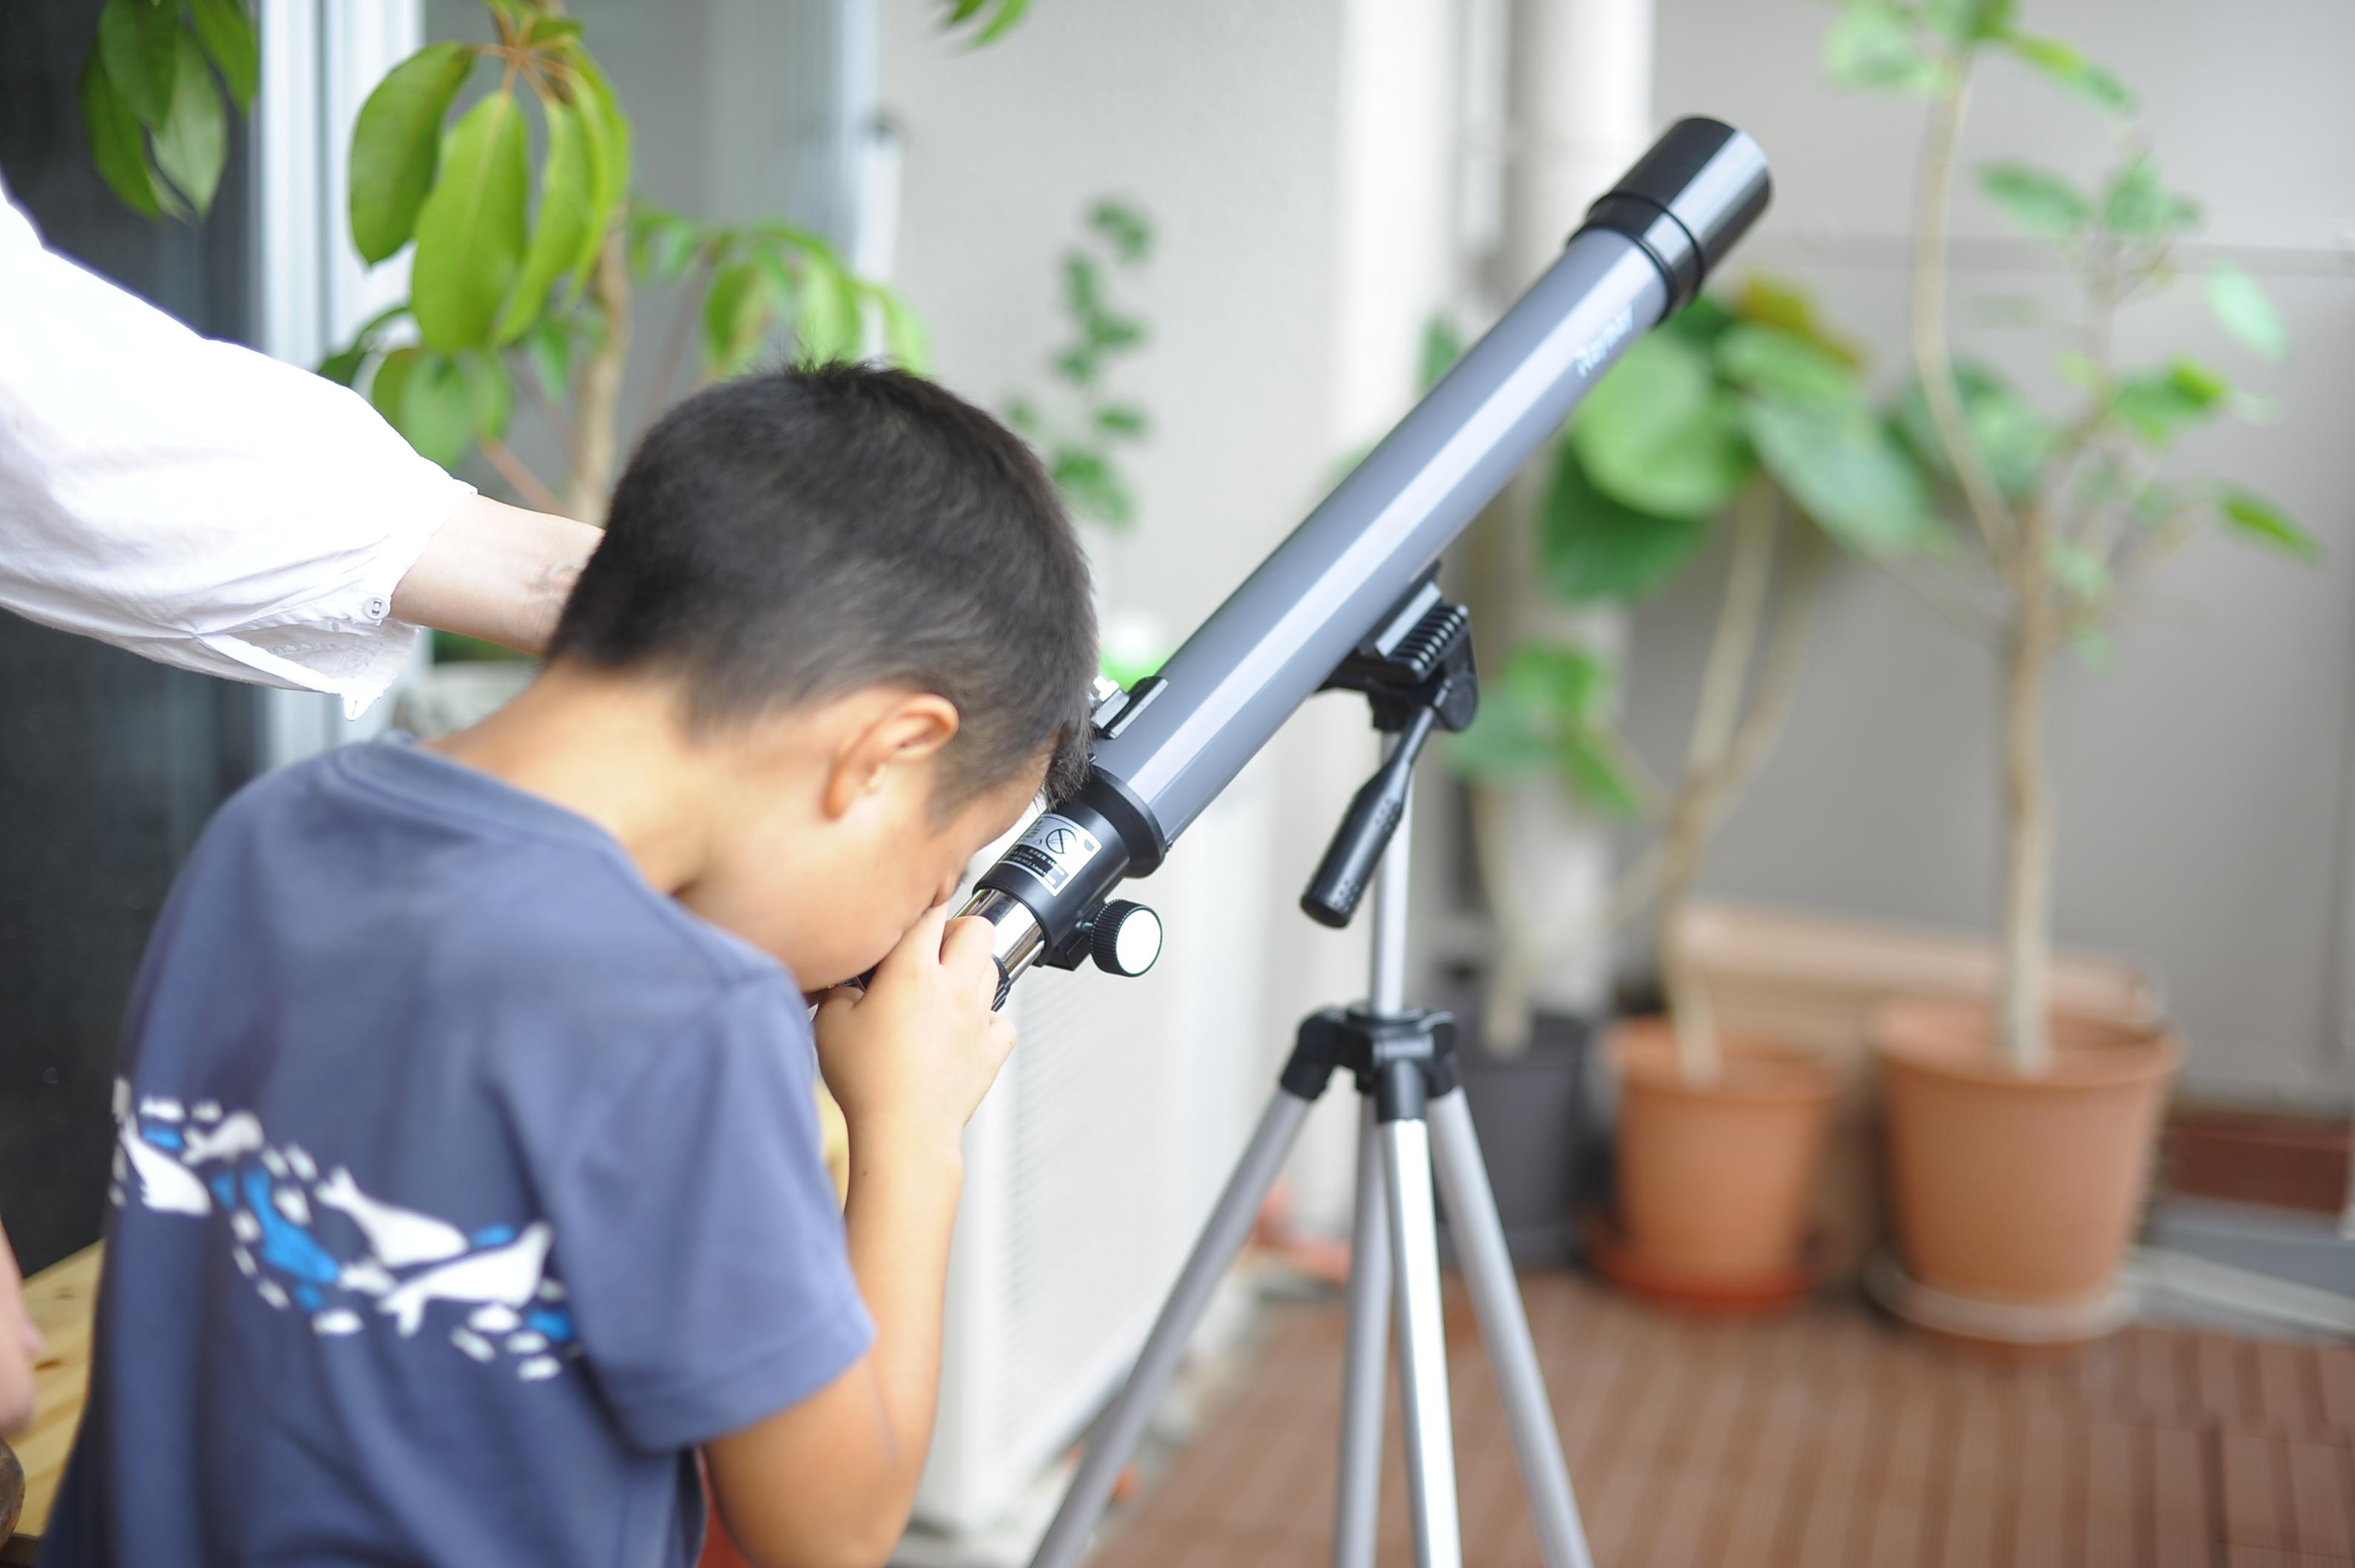 夏休みの自由研究に天体観測